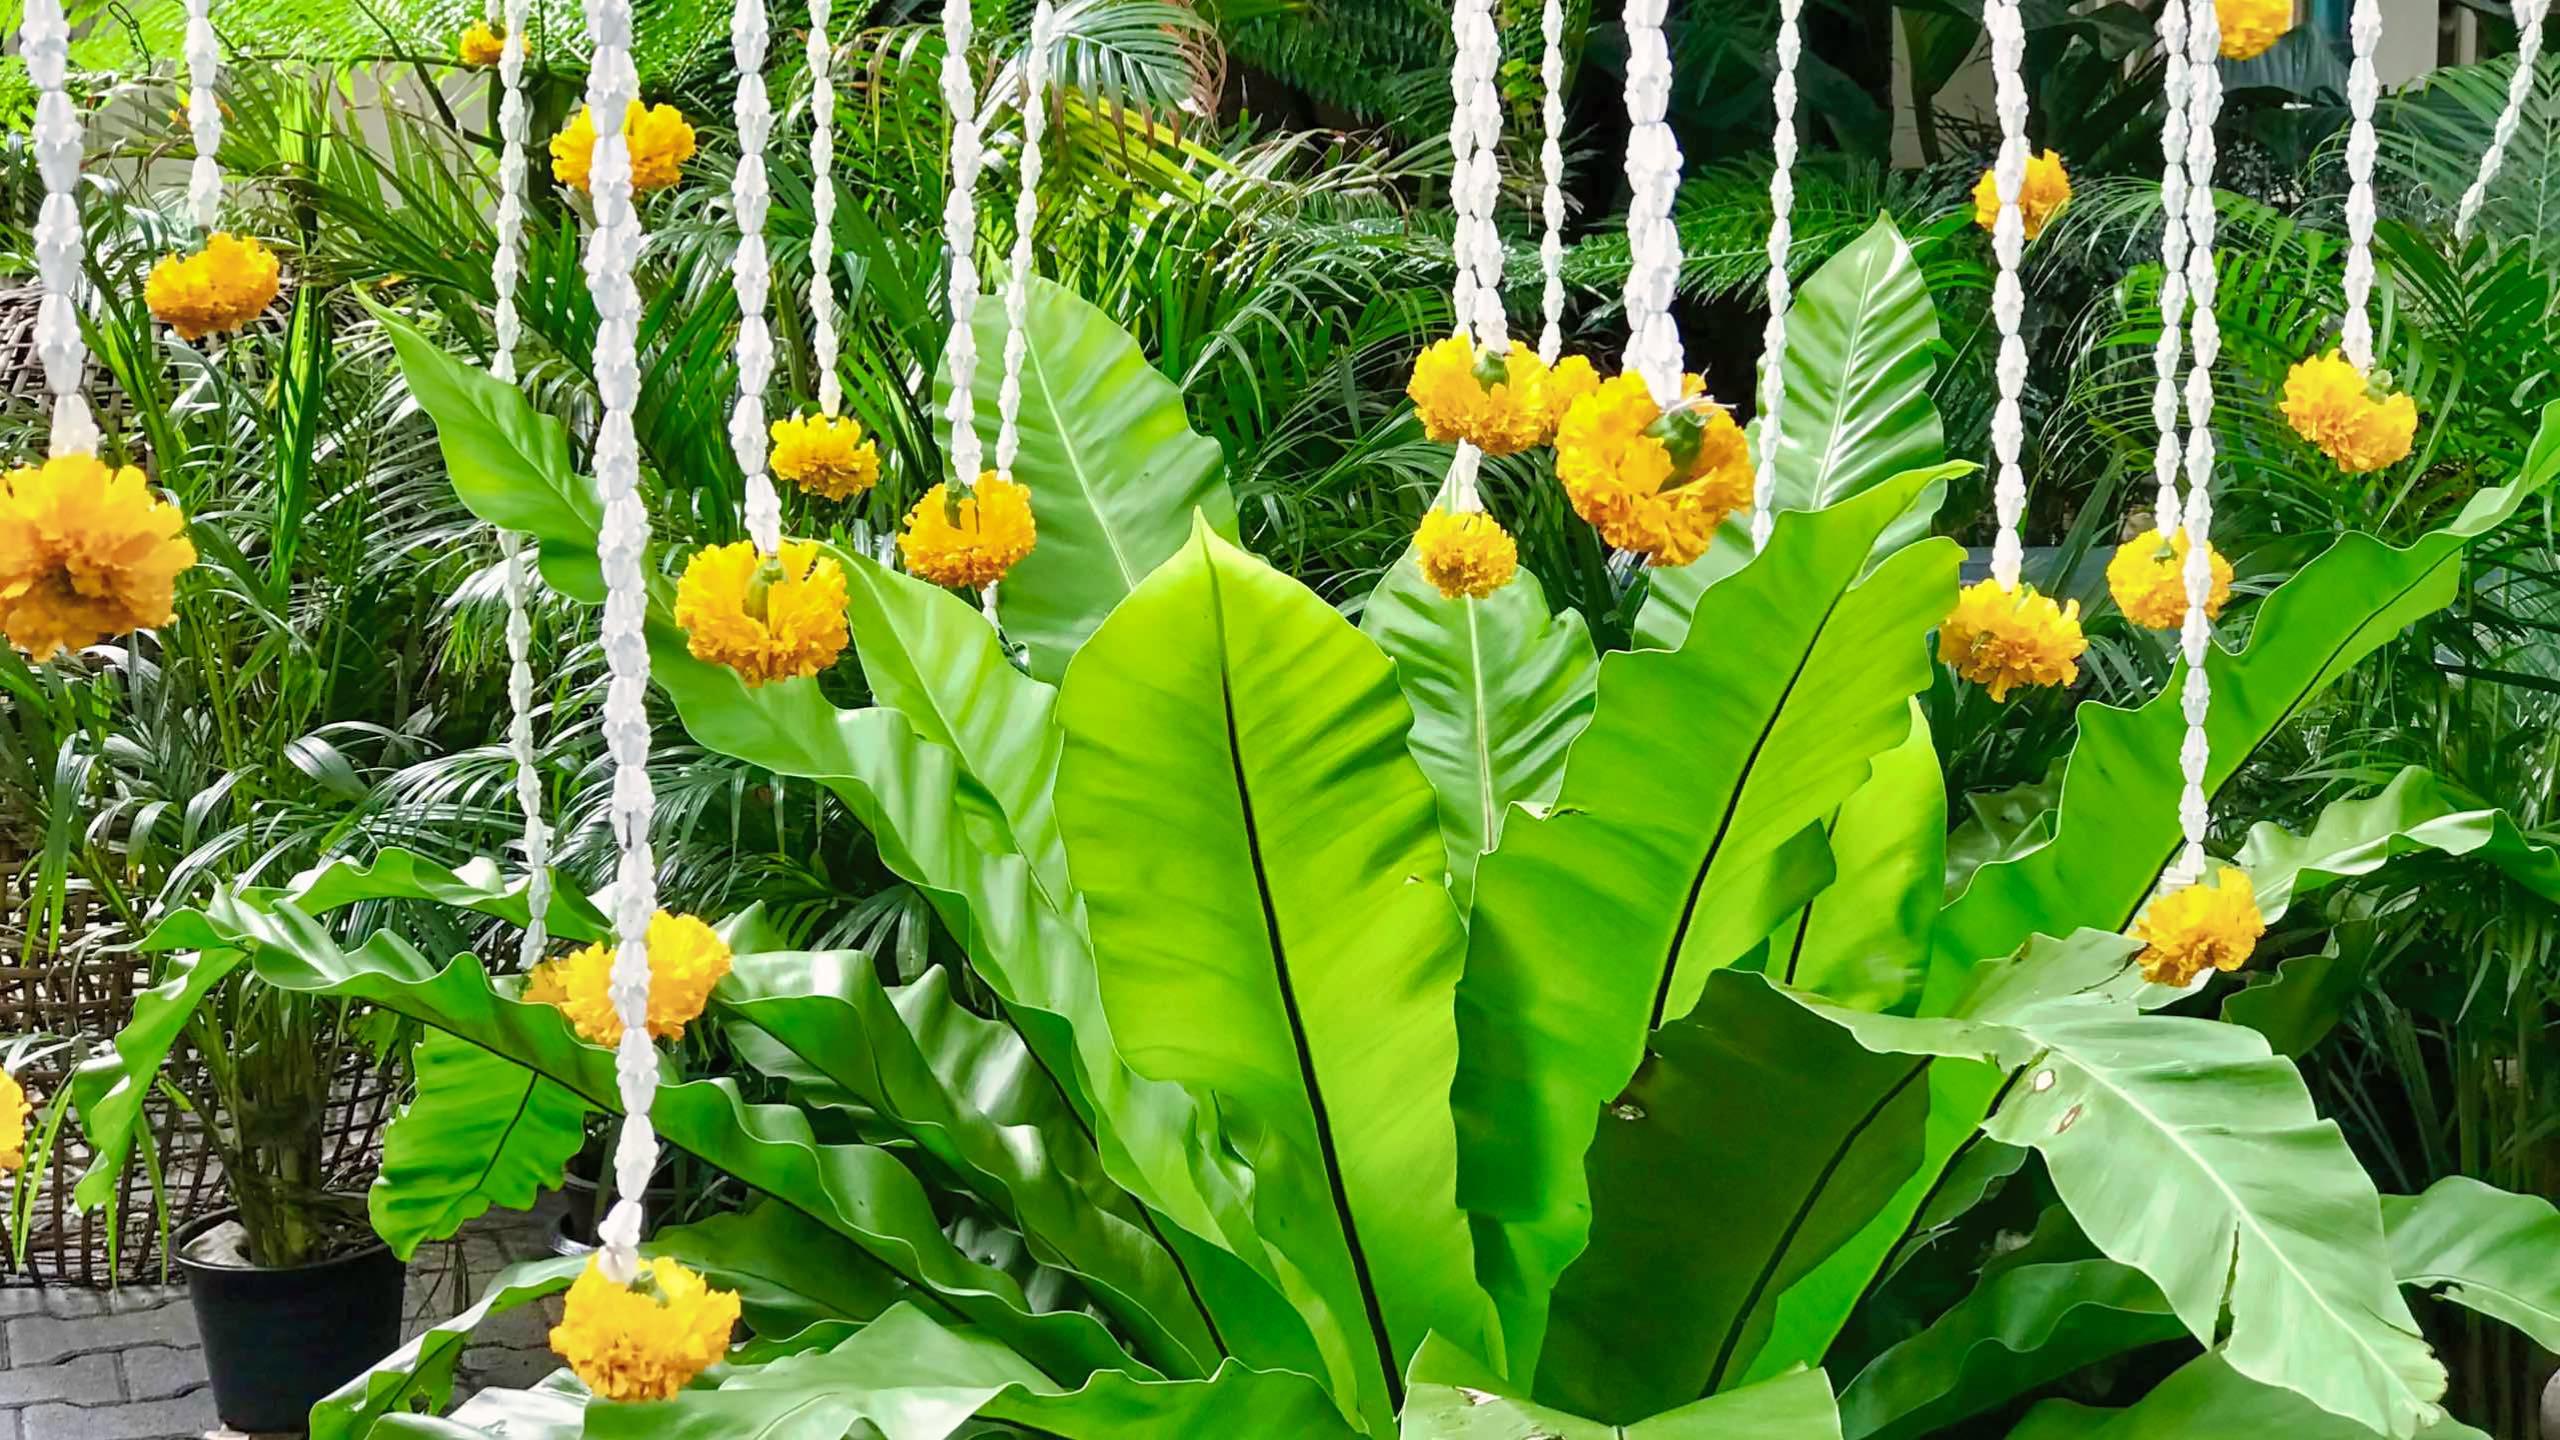 The Museum of Floral Culture: Täglich wird die Blumenkunst frisch dekoriert.